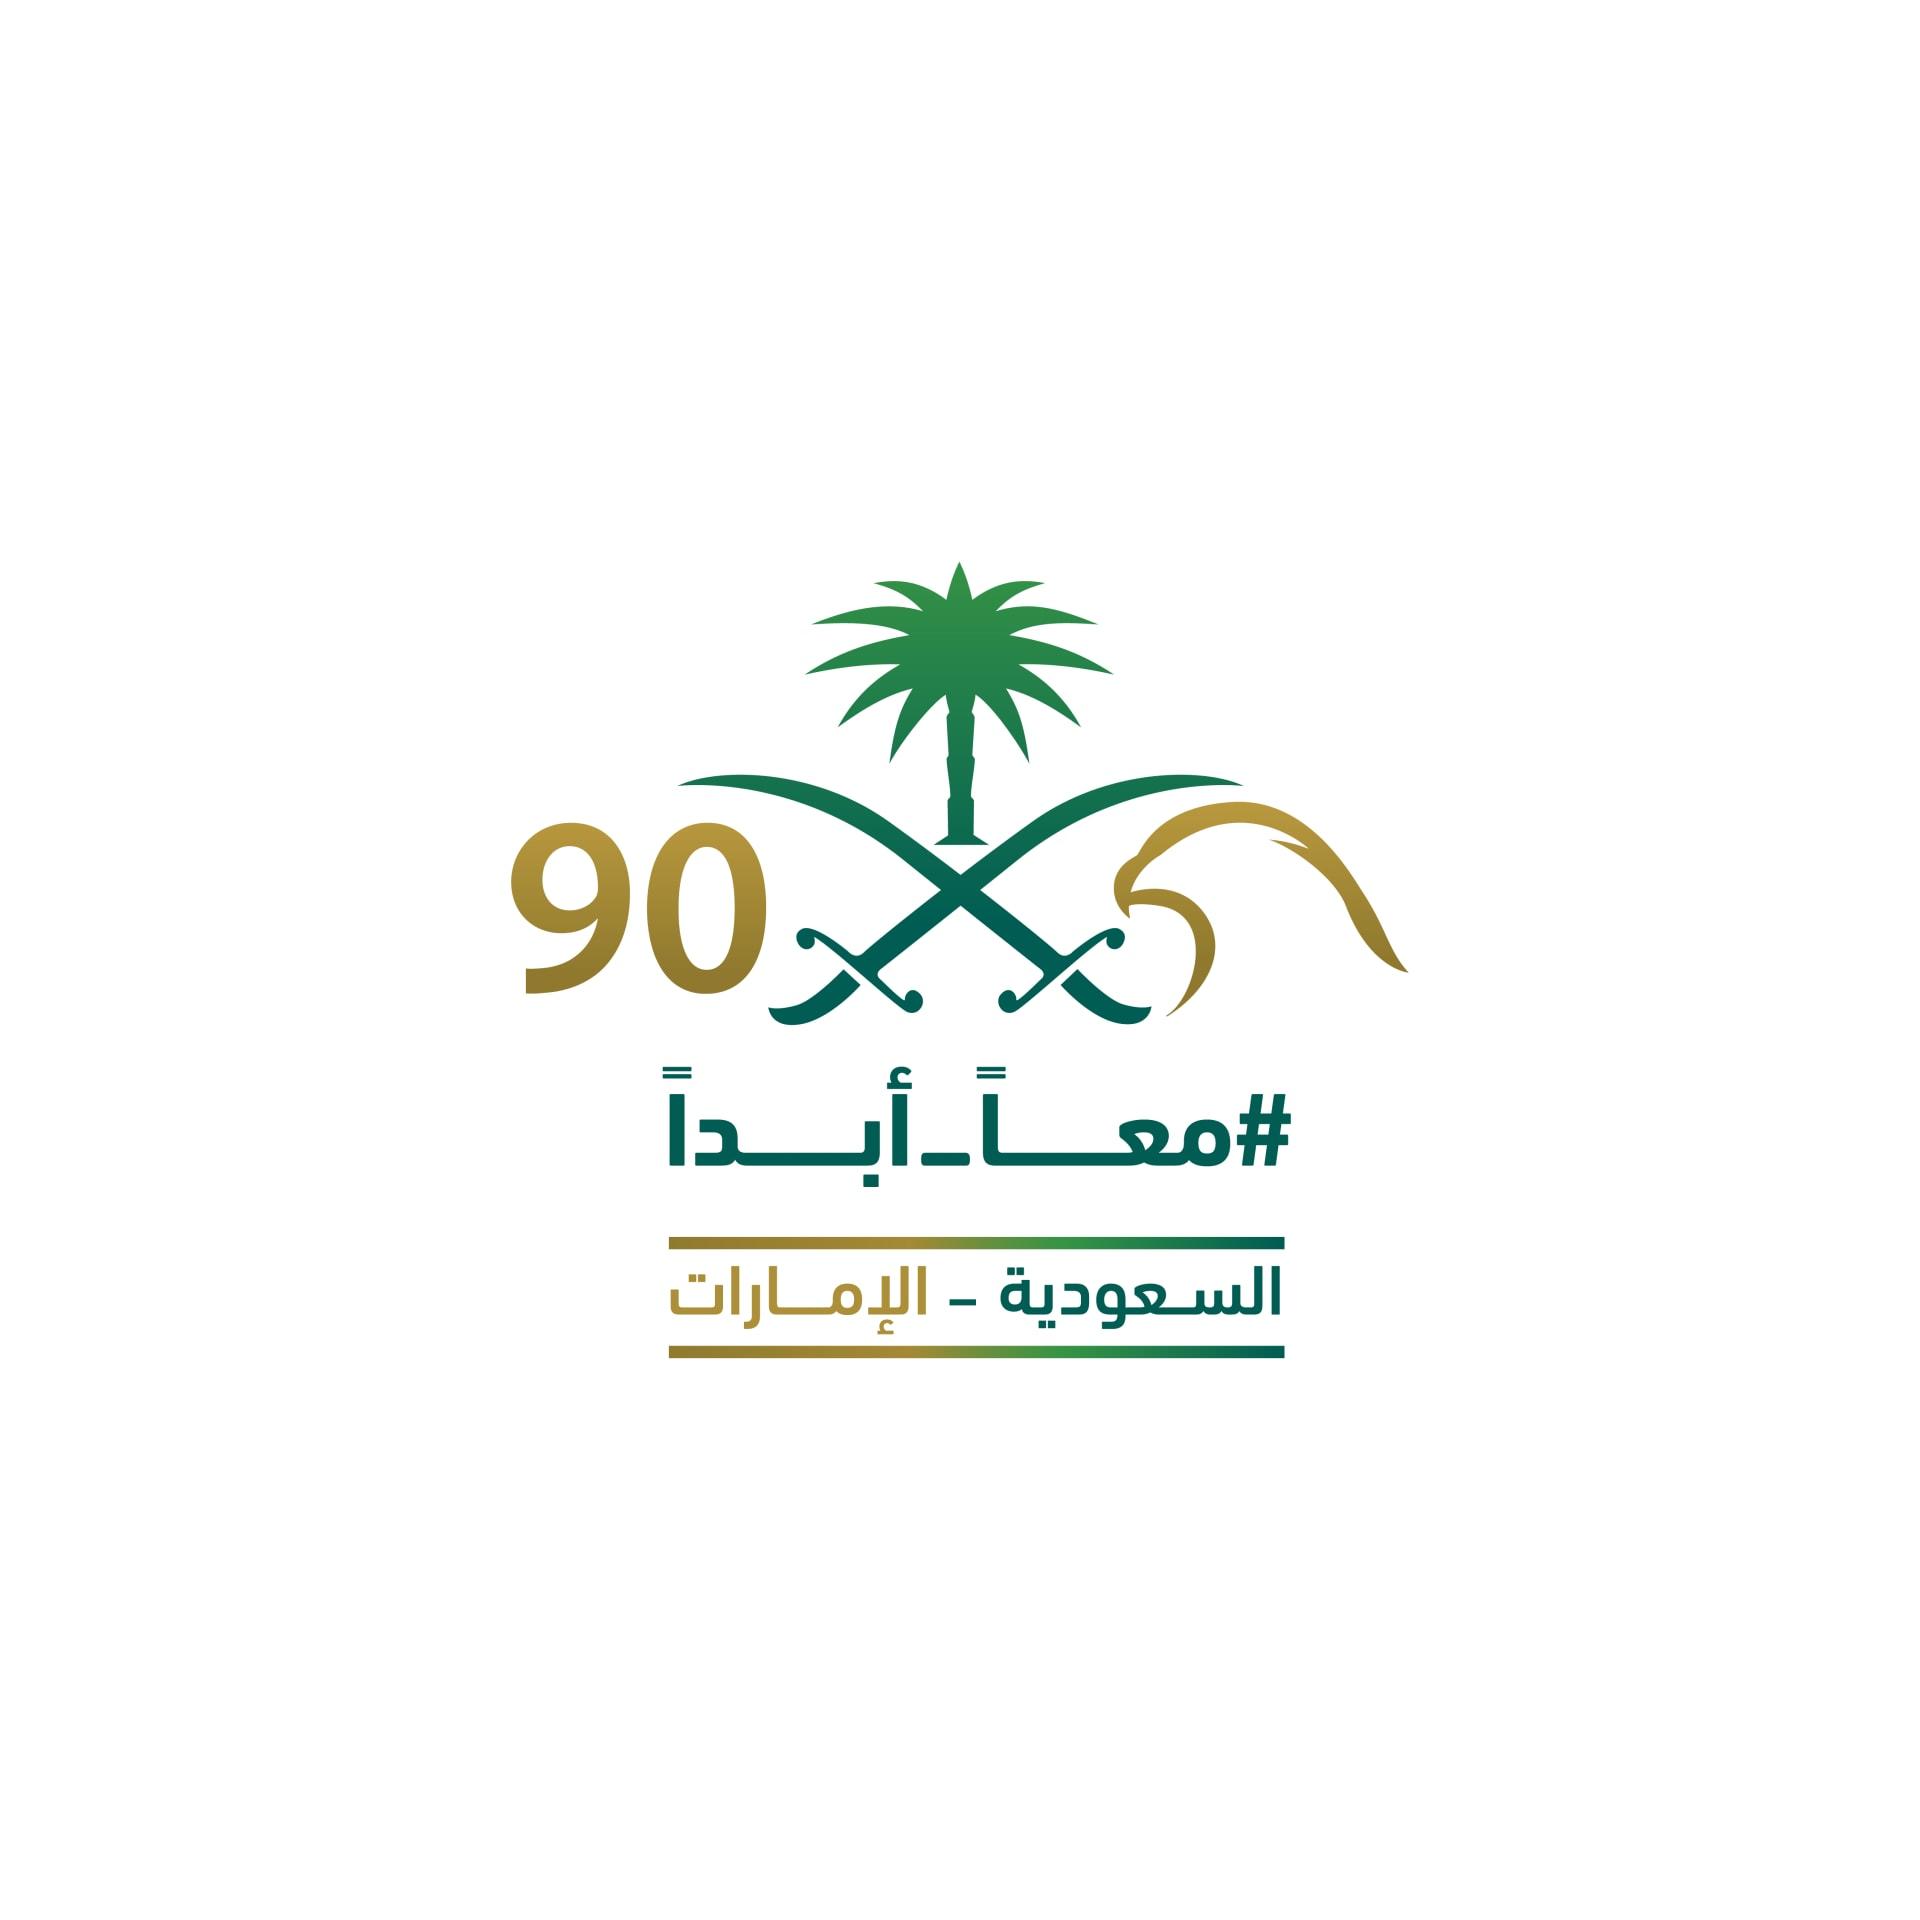 الشعار الإماراتي الرسمي الجديد المشارك باحتفالات اليوم الوطني السعودي الـ90